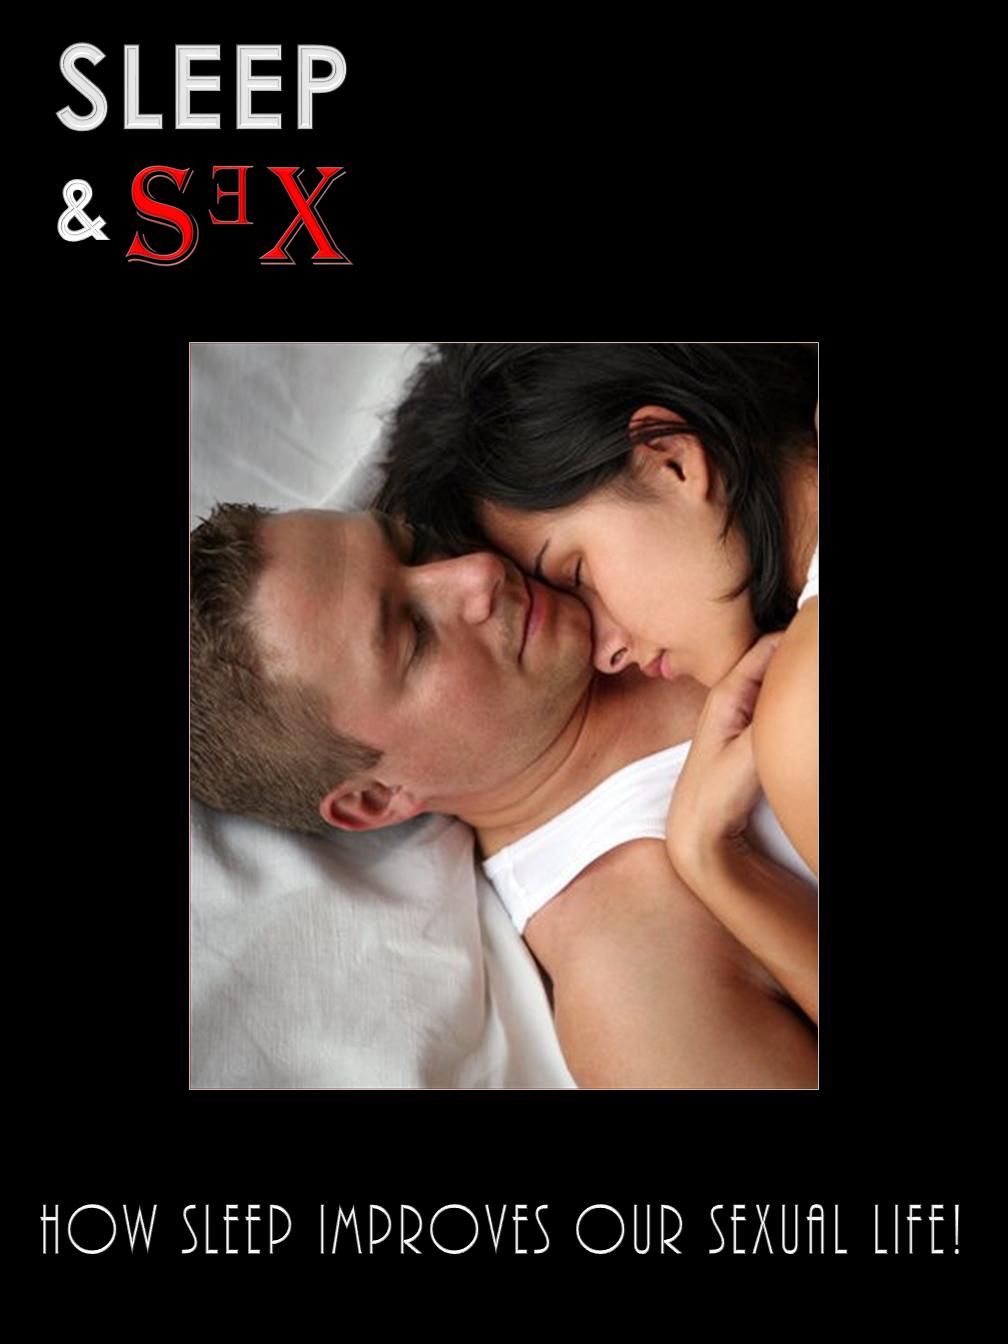 Sleep & Sex